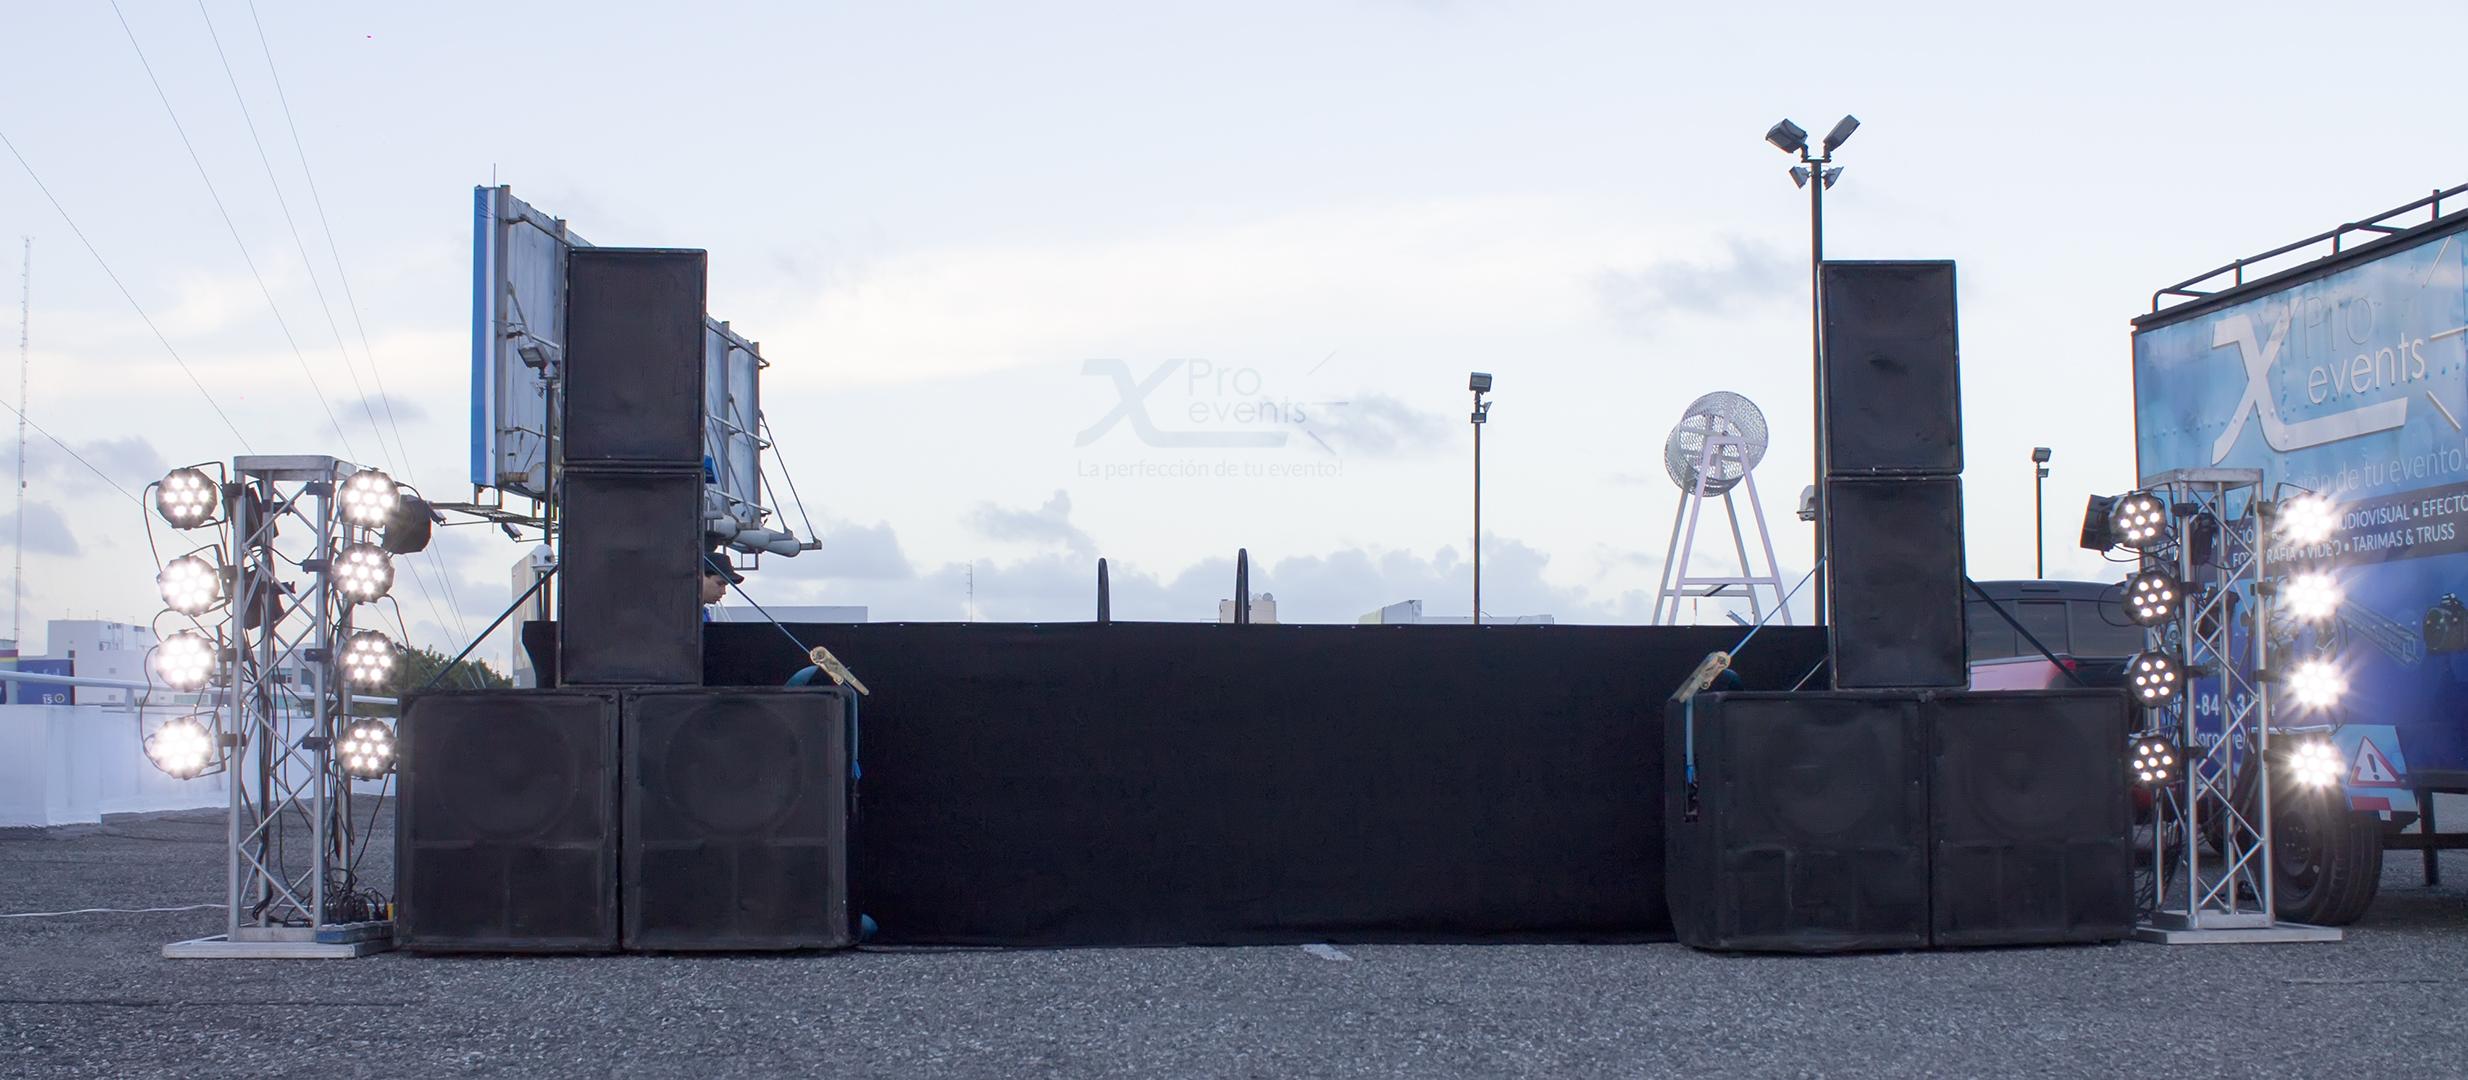 X Pro events - Escenario Zumbathon para las madres Plaza Lama 2016